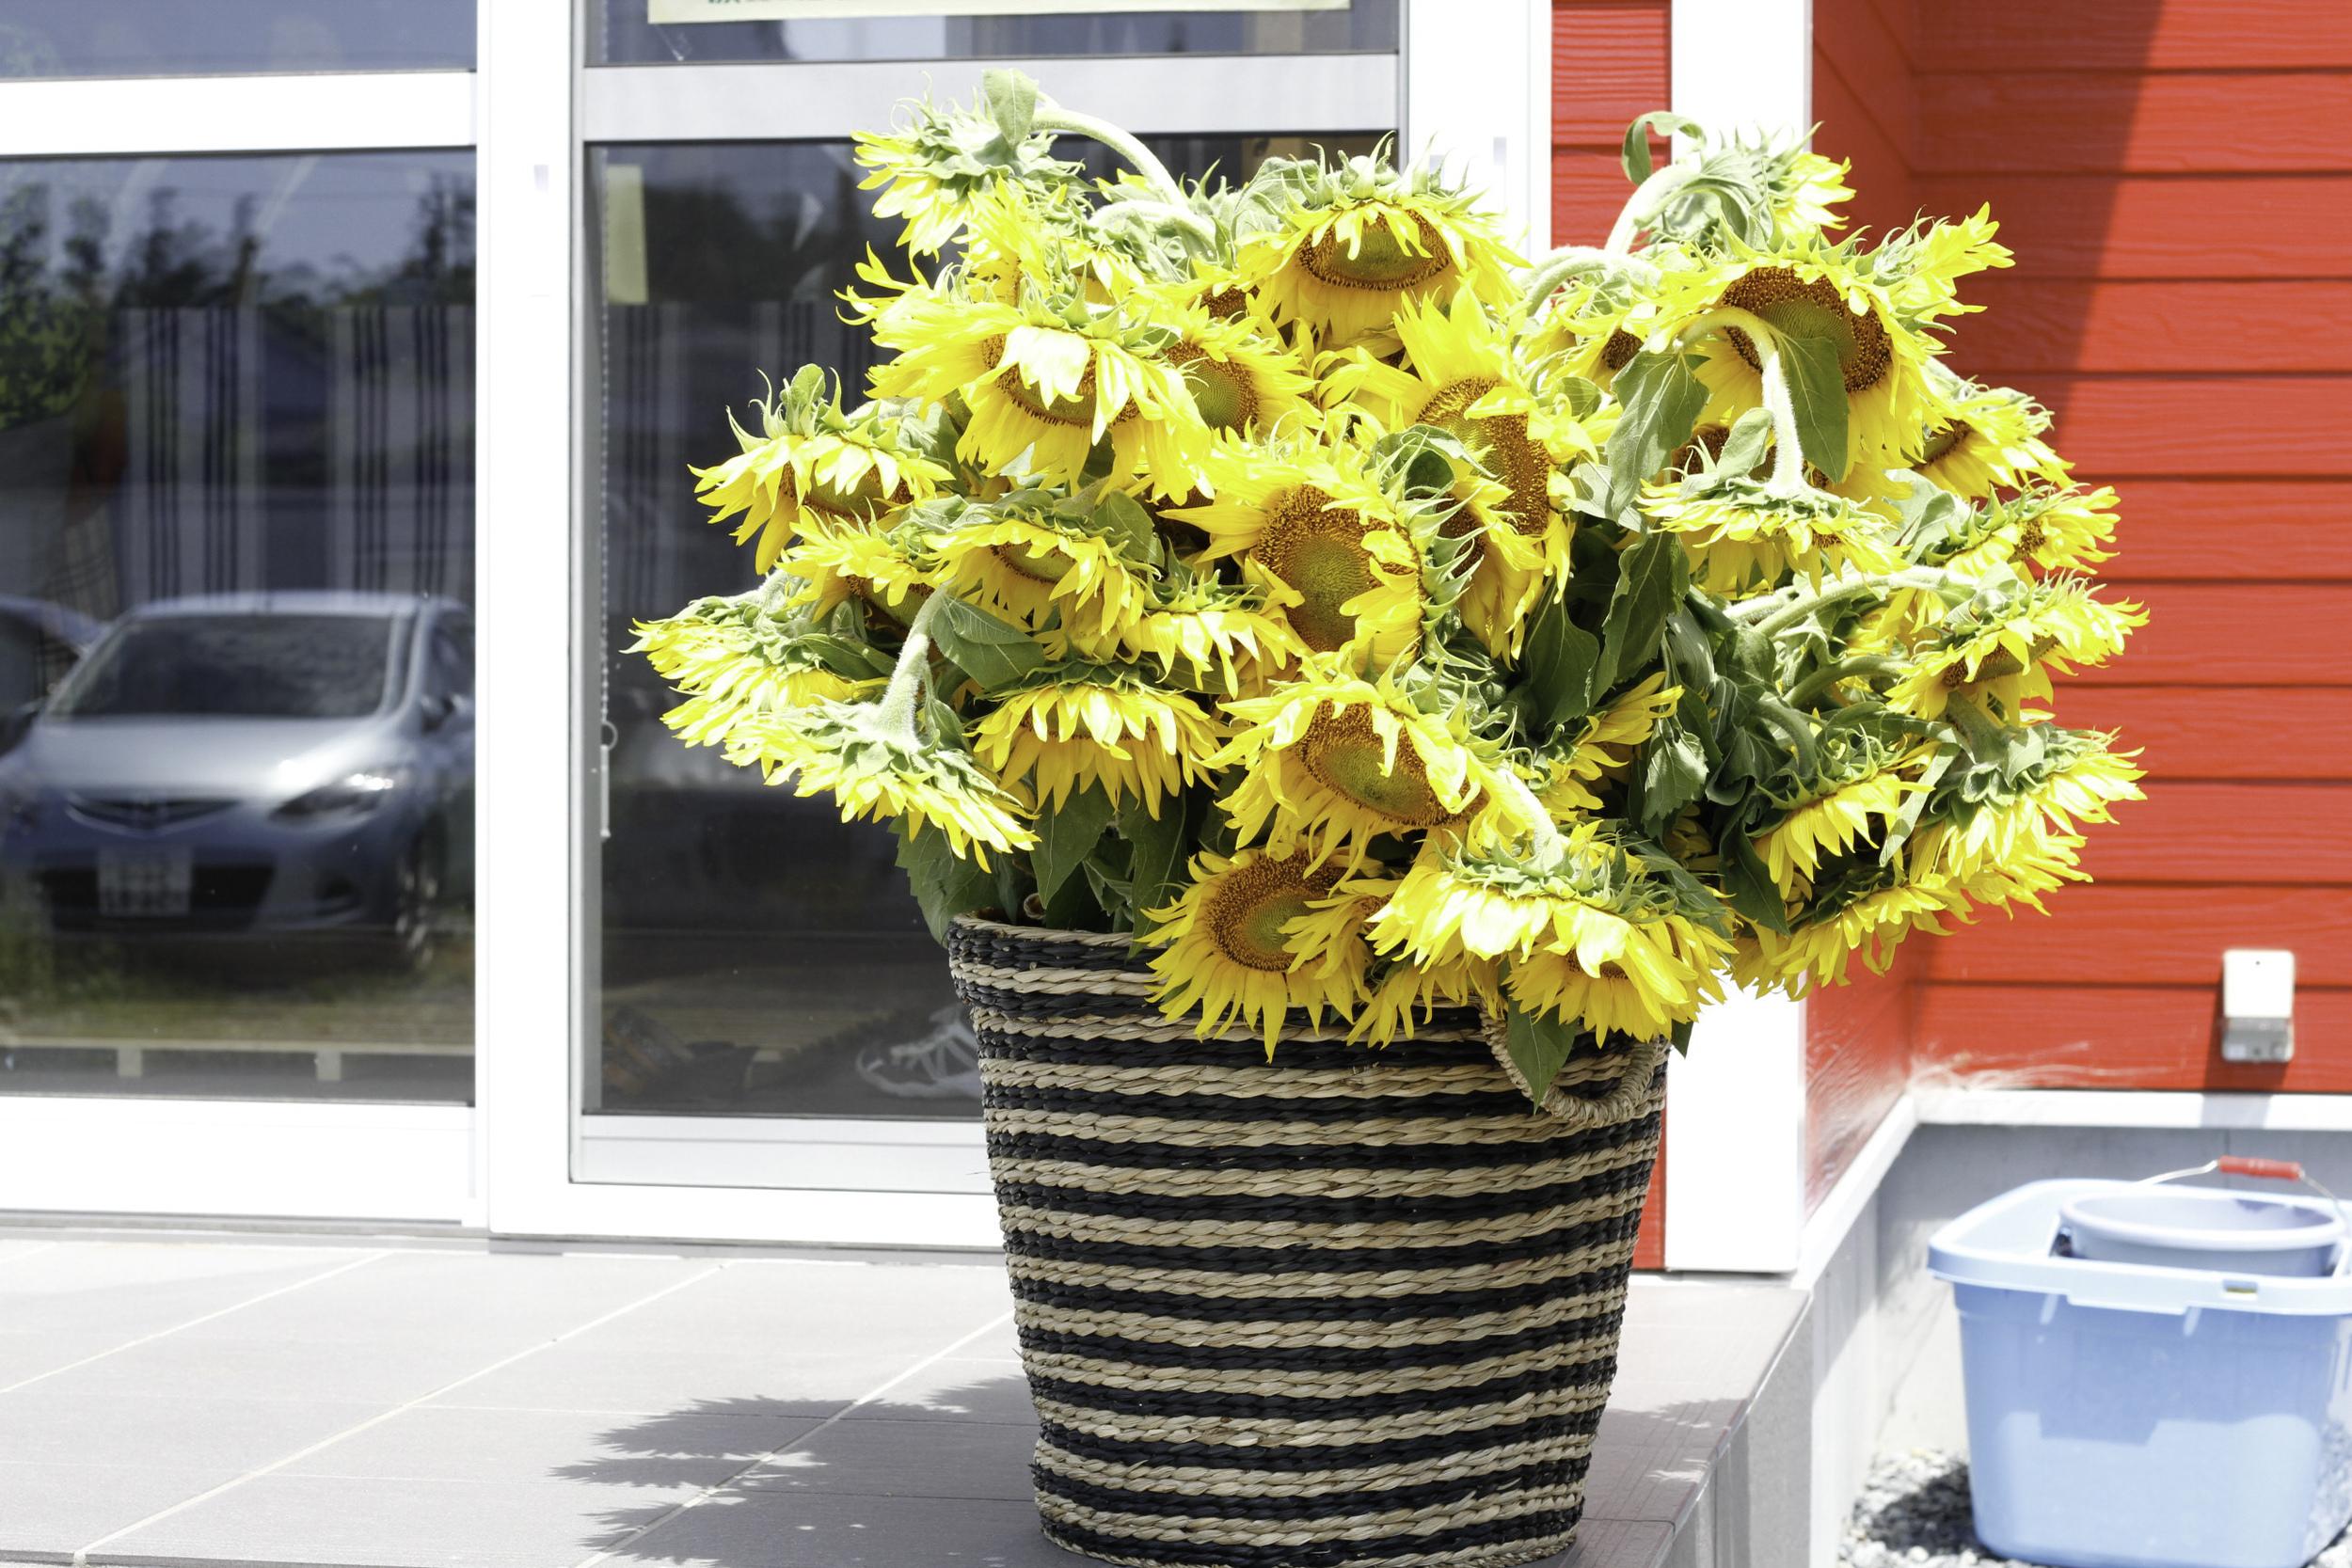 赤いヤーンアライブハウスに元気な黄色がぴったり!Perfect bright yellow and bright red of the Yarn Alive House!